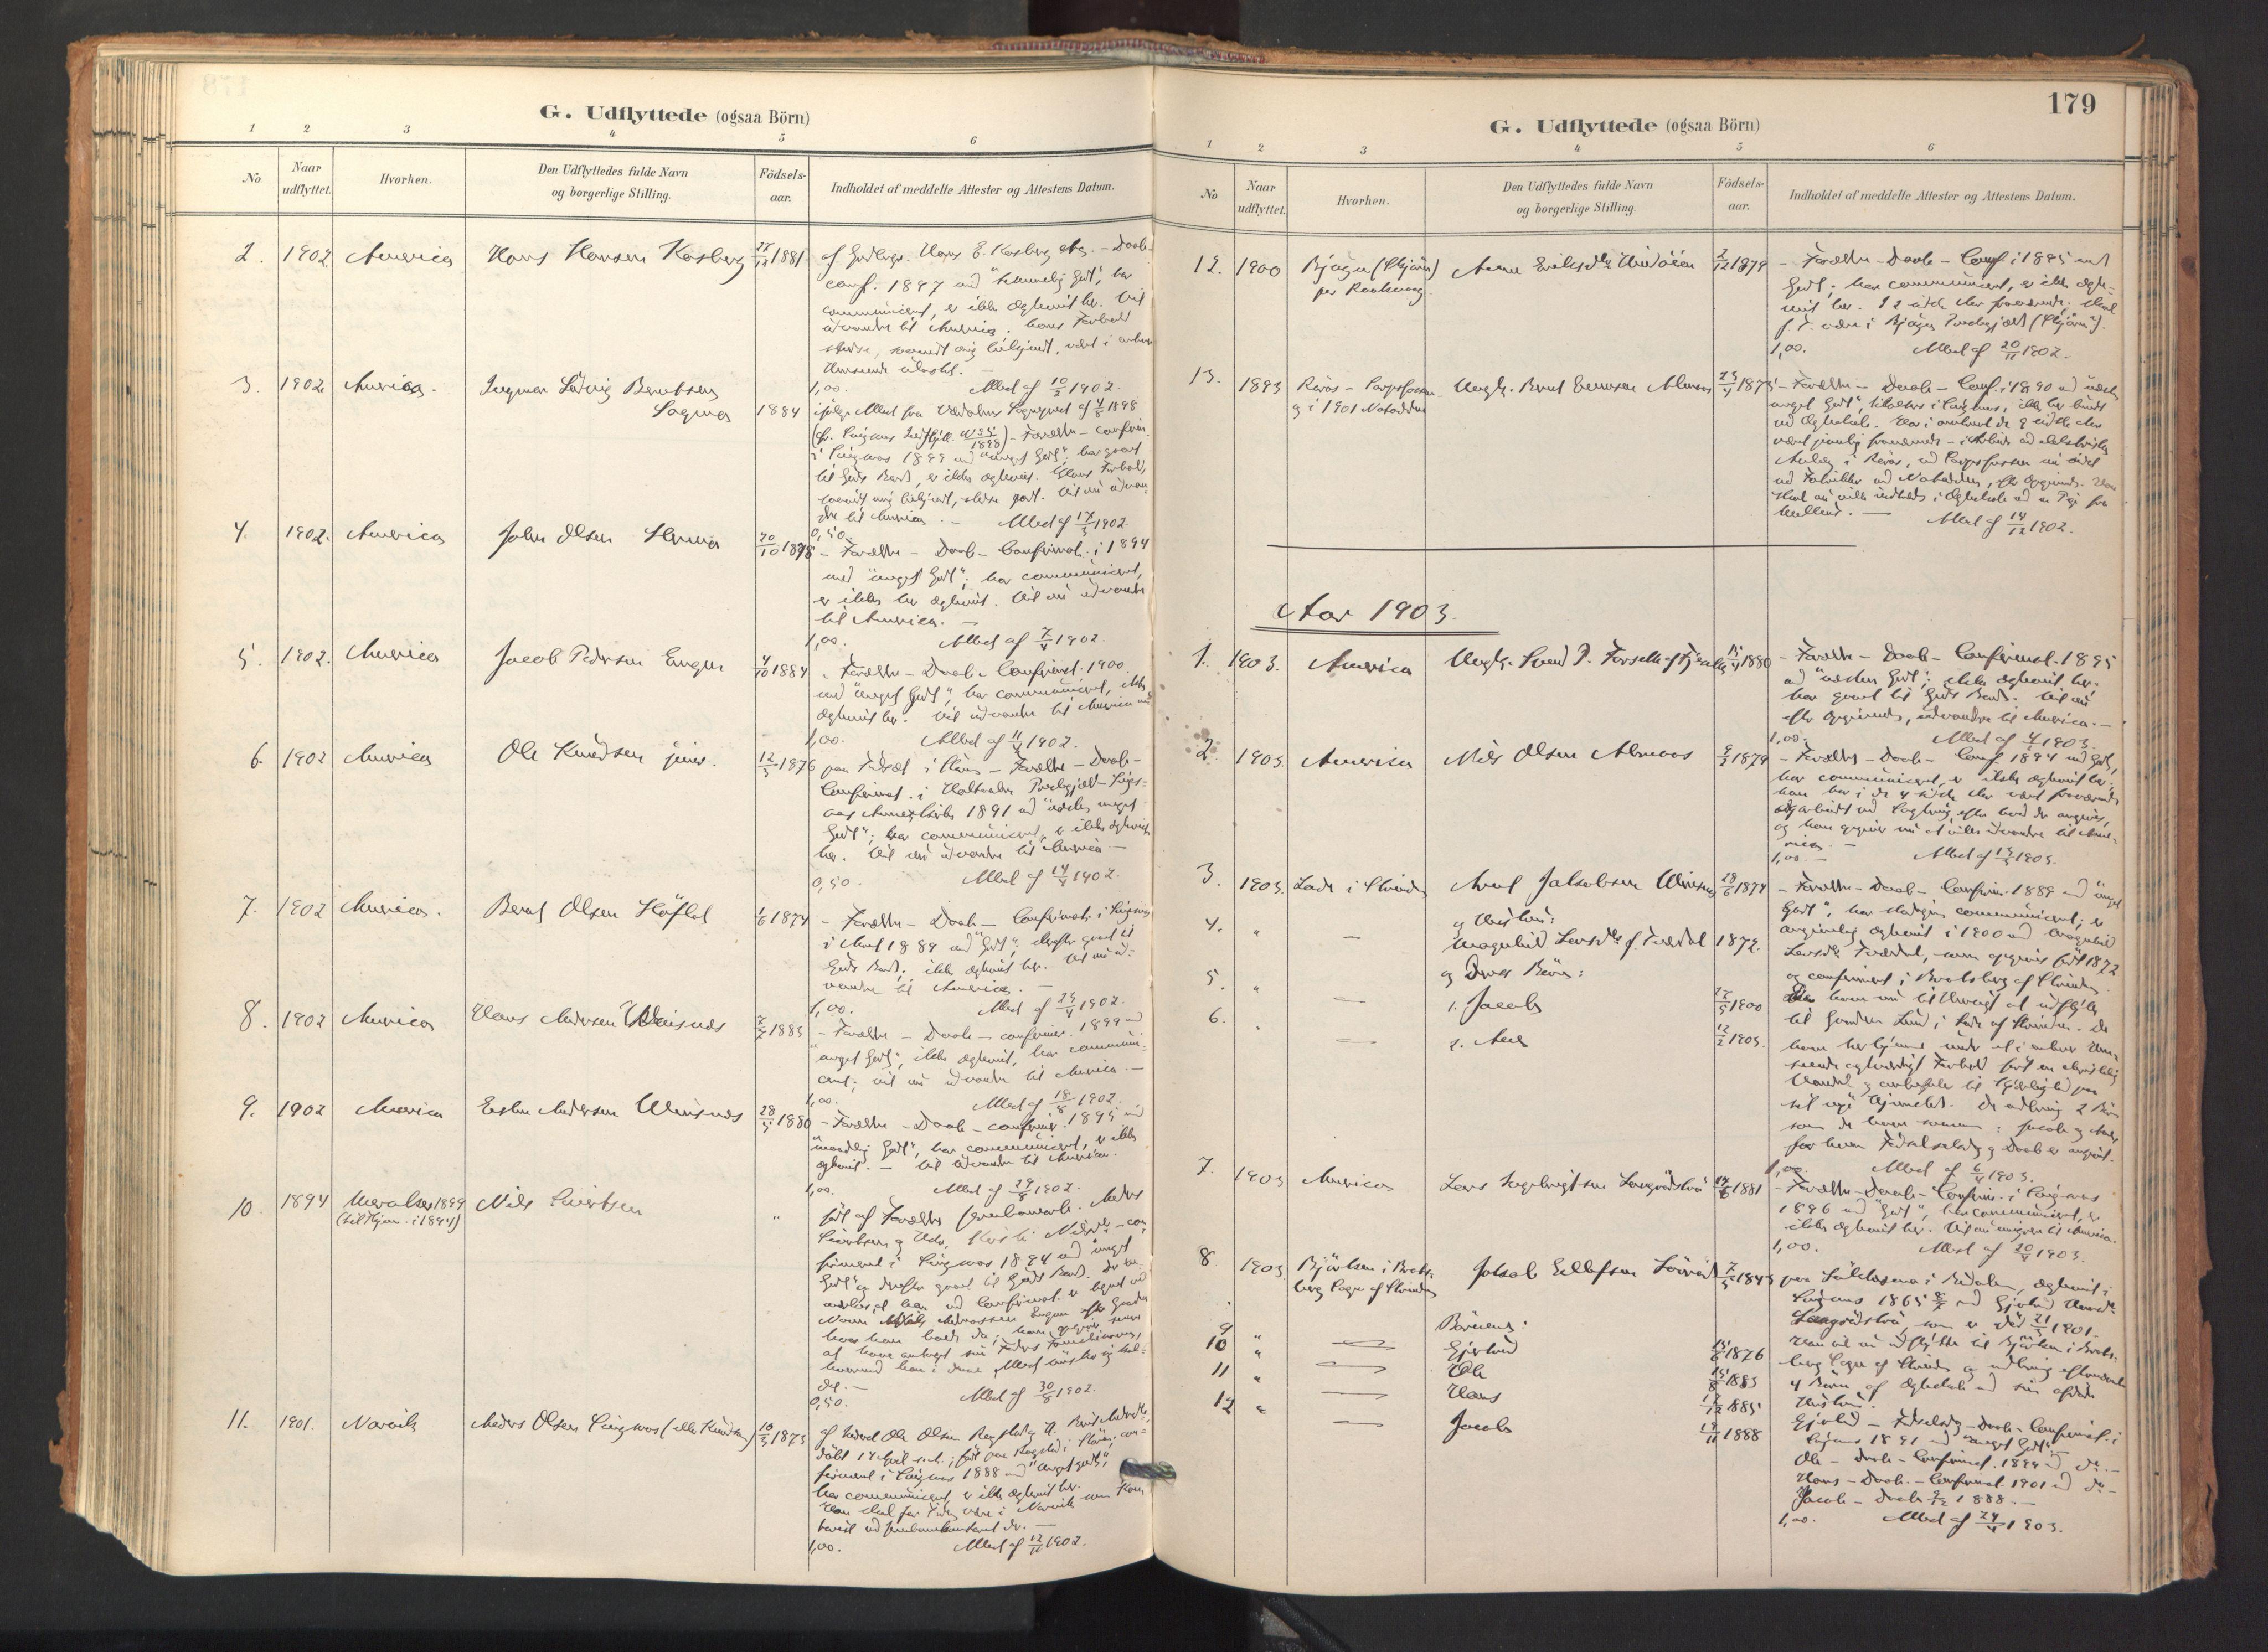 SAT, Ministerialprotokoller, klokkerbøker og fødselsregistre - Sør-Trøndelag, 688/L1025: Ministerialbok nr. 688A02, 1891-1909, s. 179